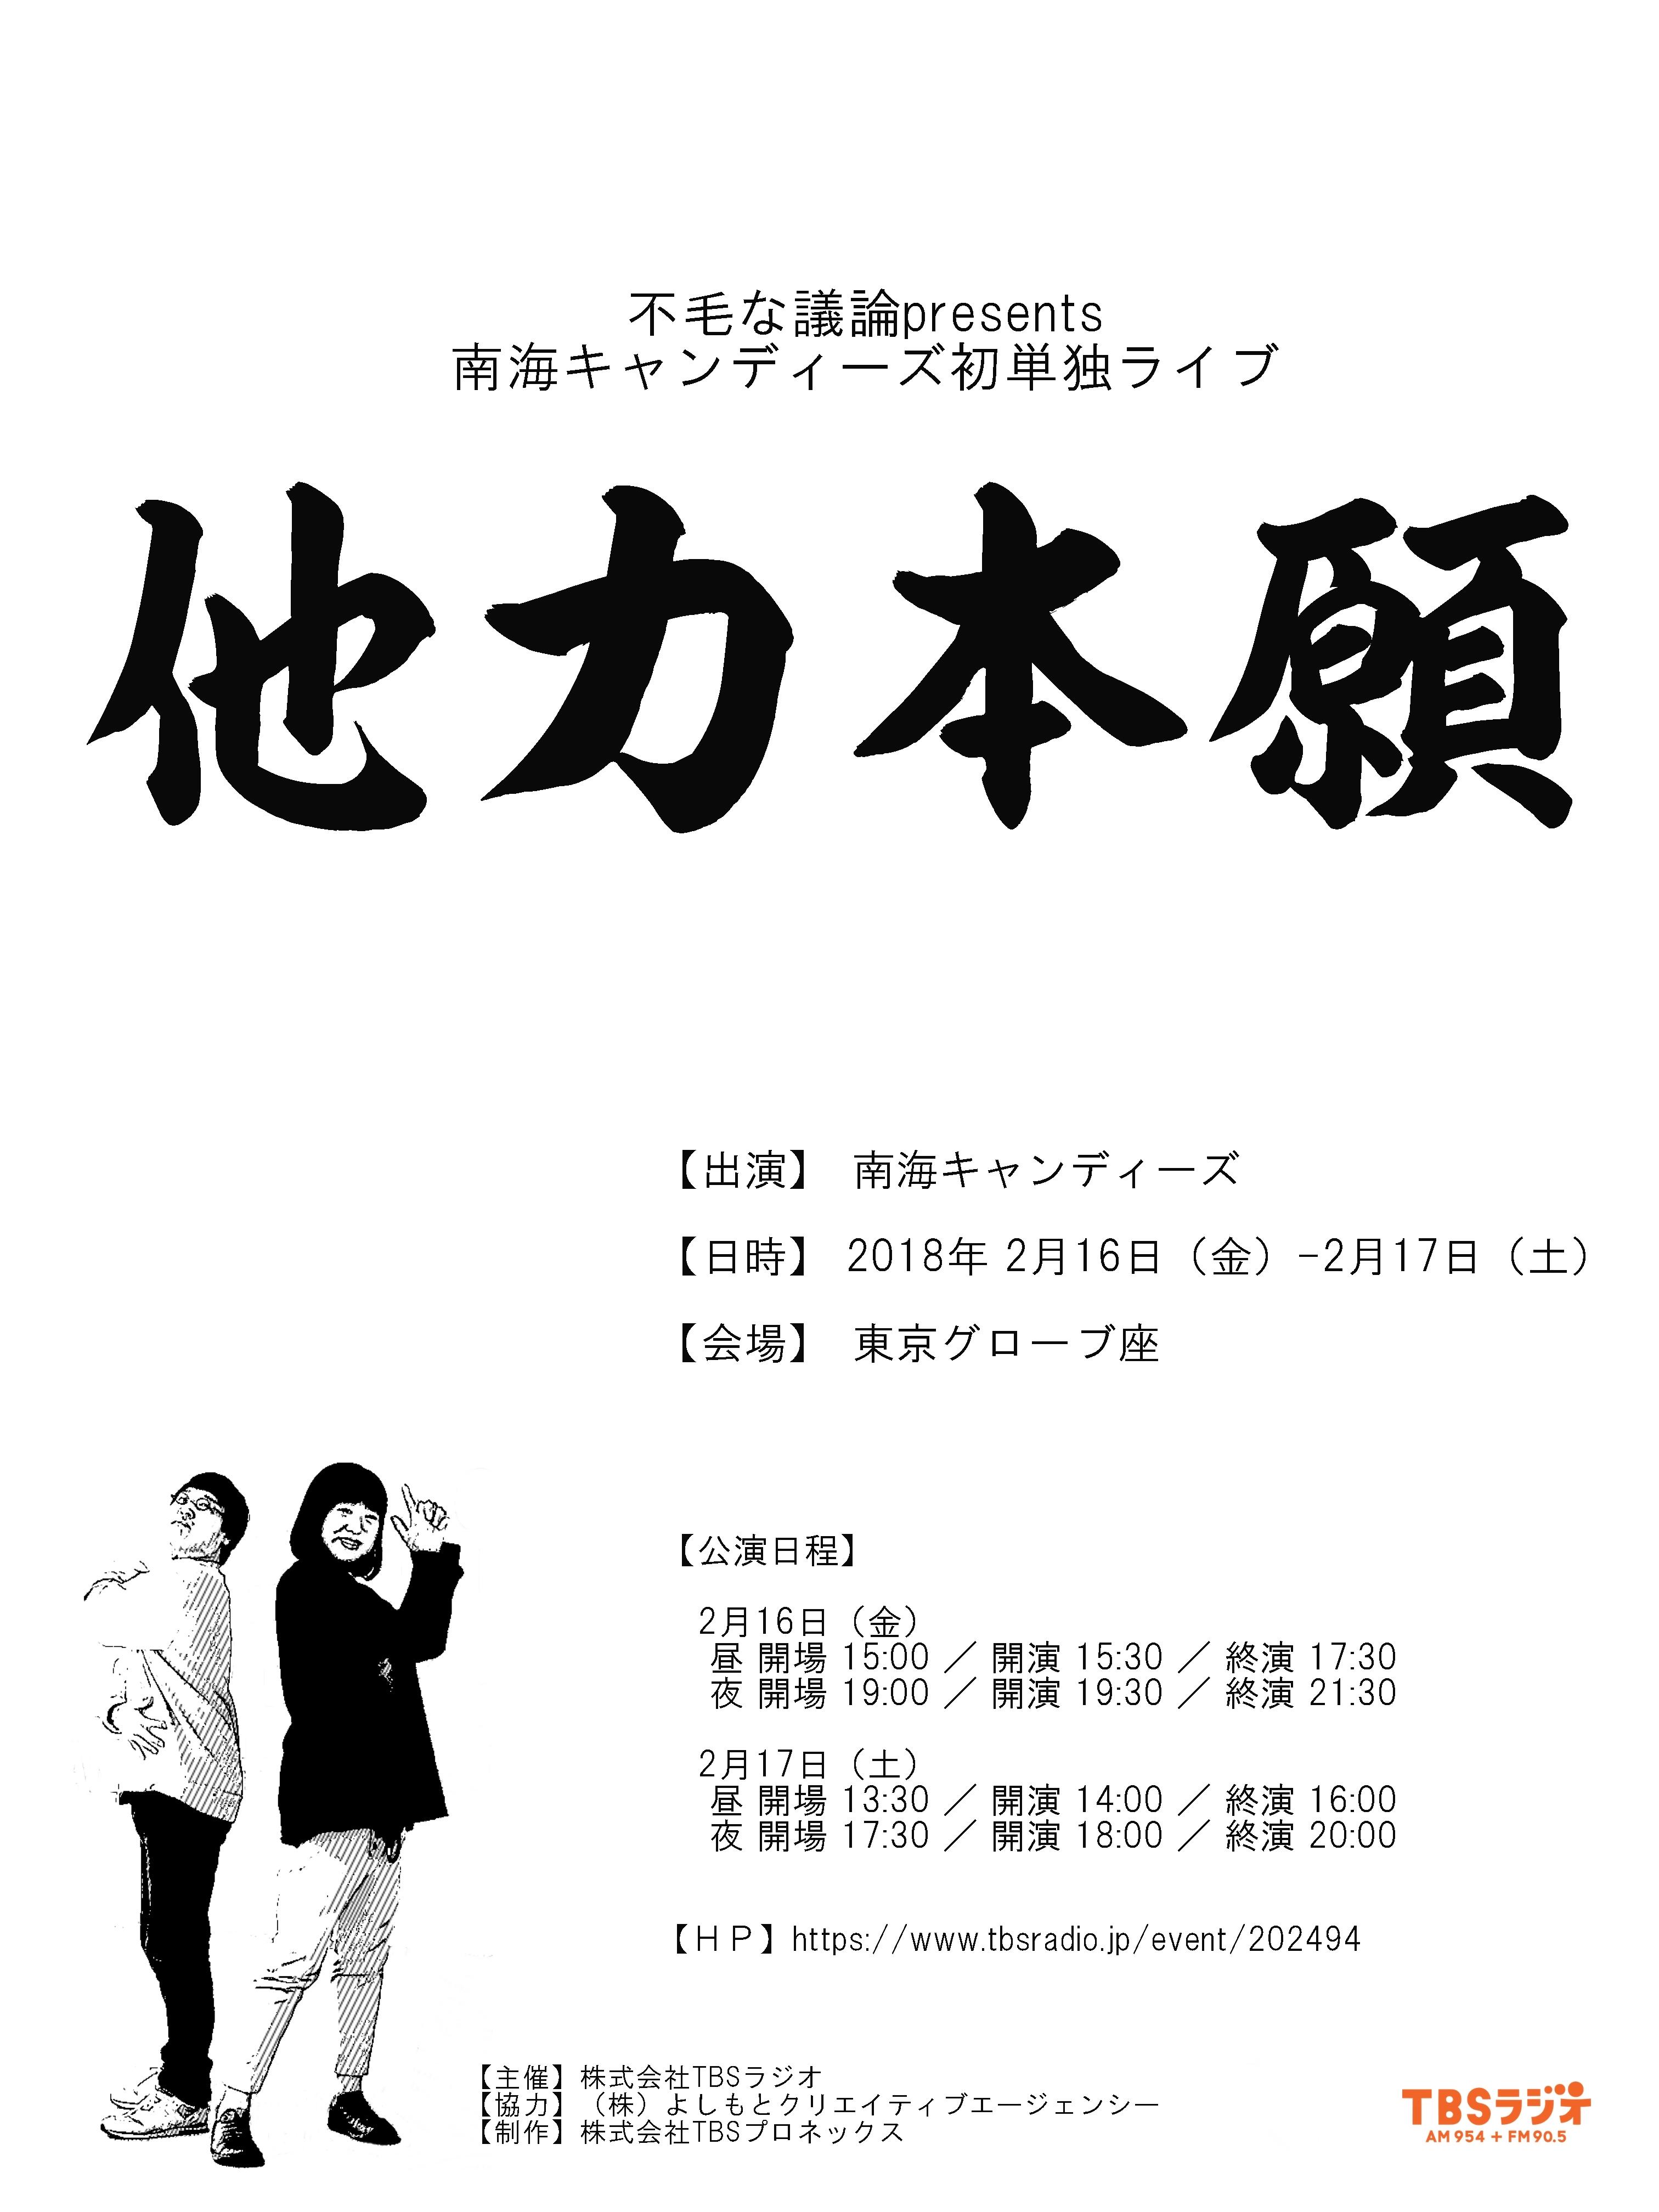 不毛な議論 presents 南海キャンディーズ初単独ライブ「他力本願」